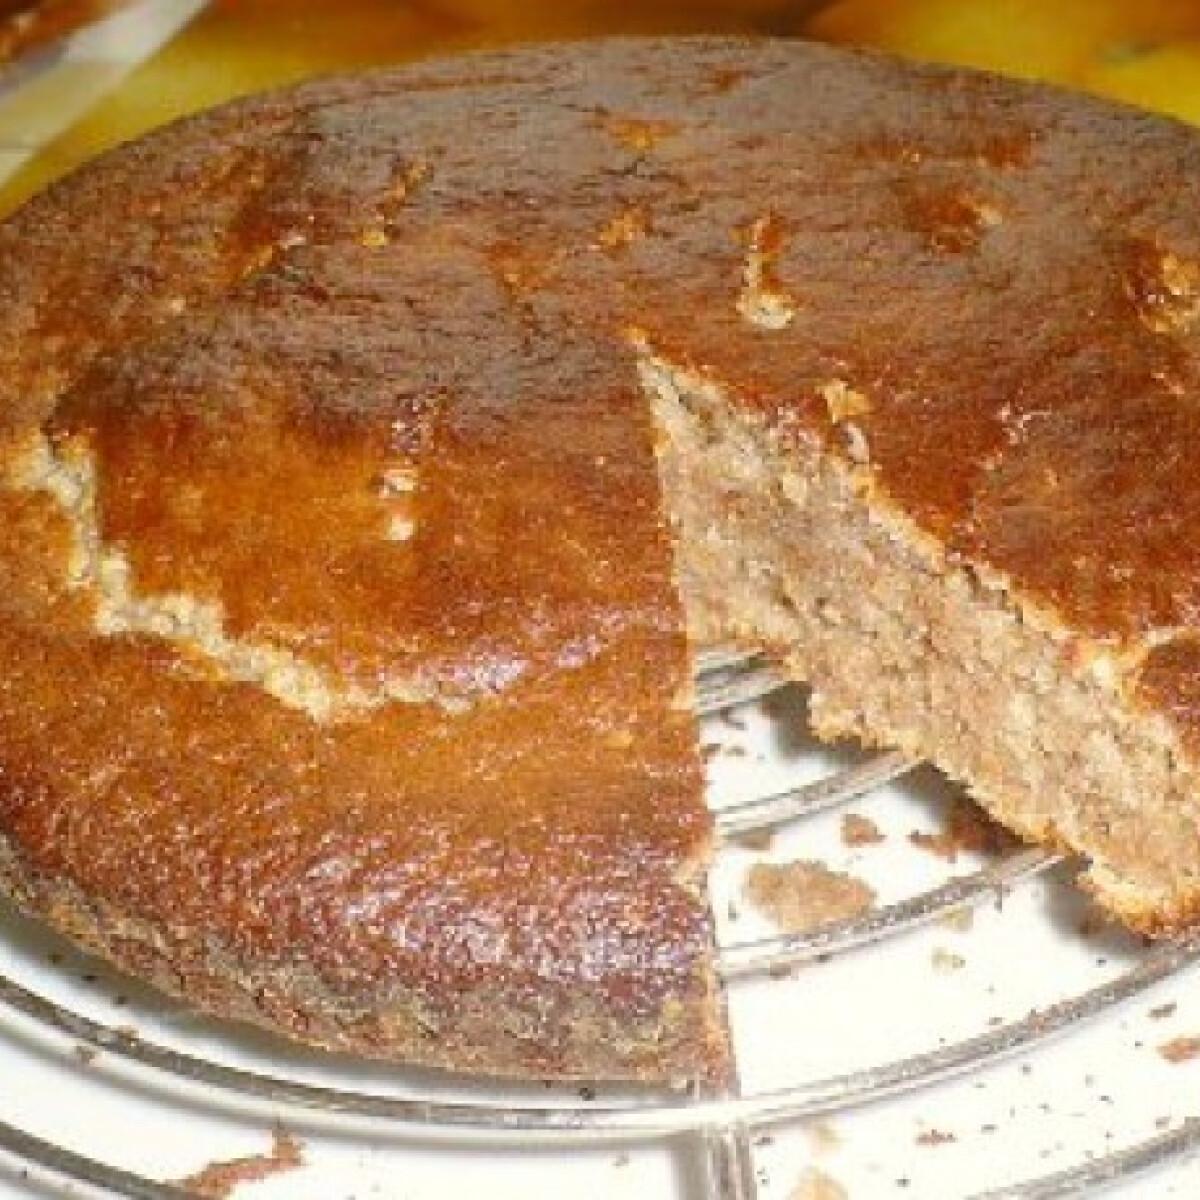 Diós kevert sütemény 20 perc alatt